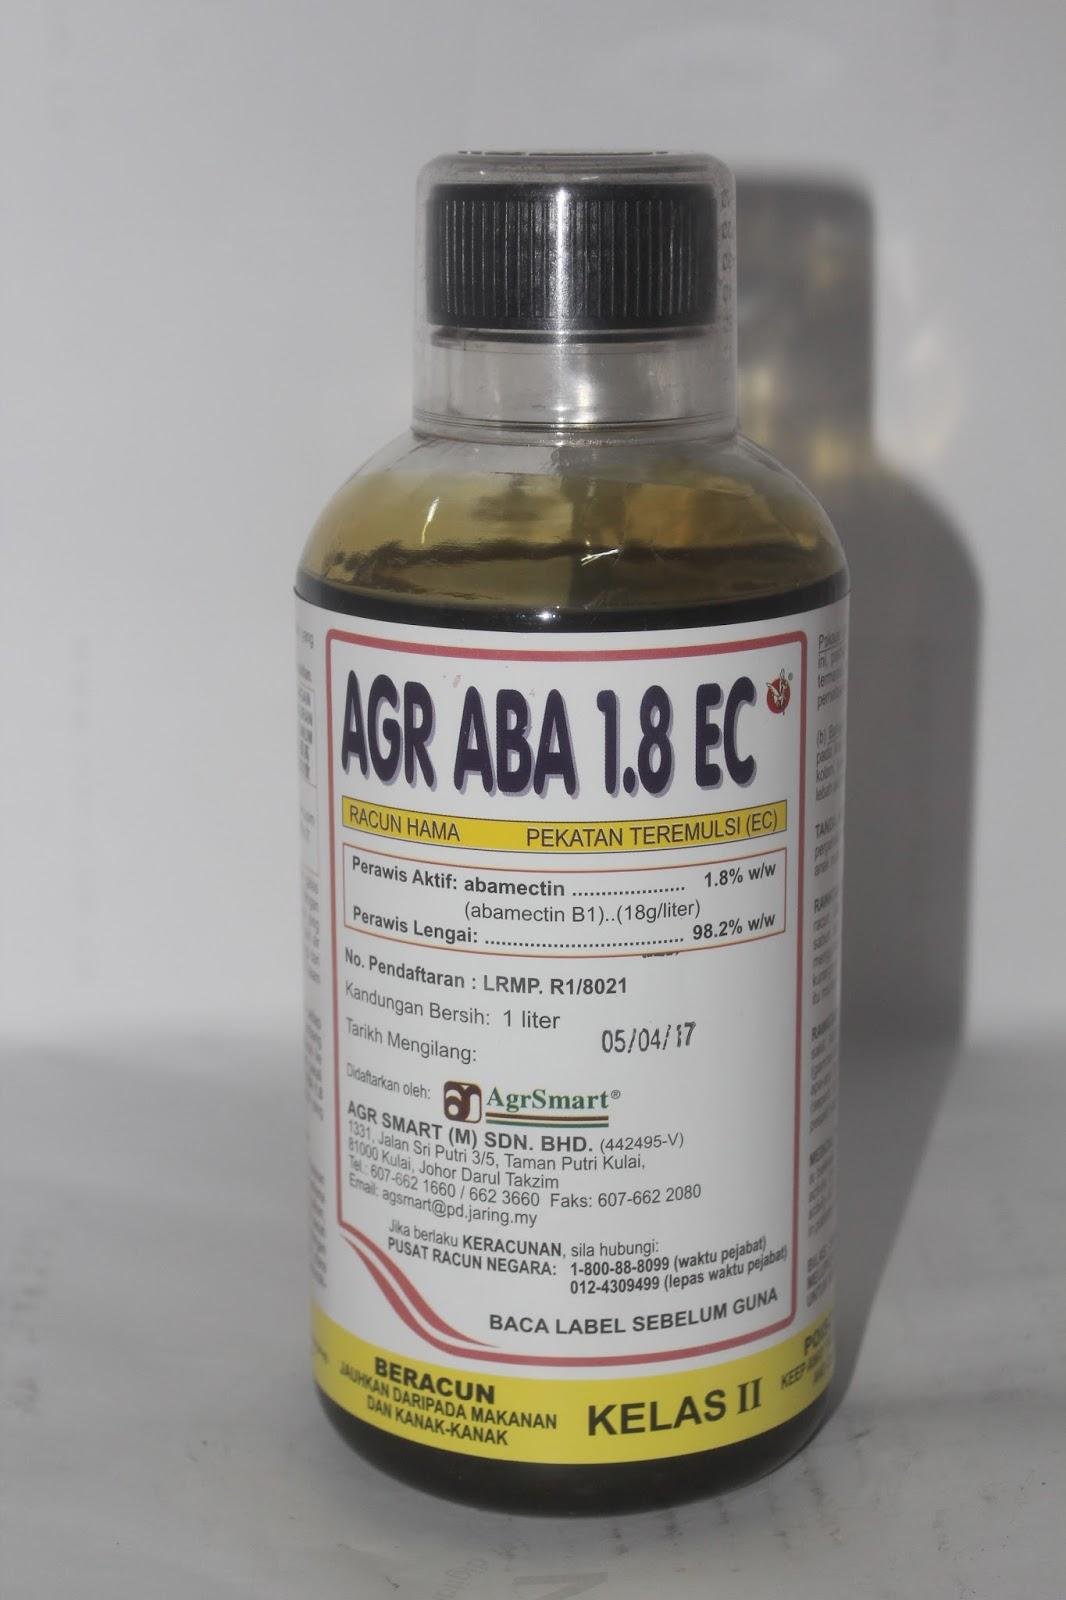 Agr Abamectin - RM60.00